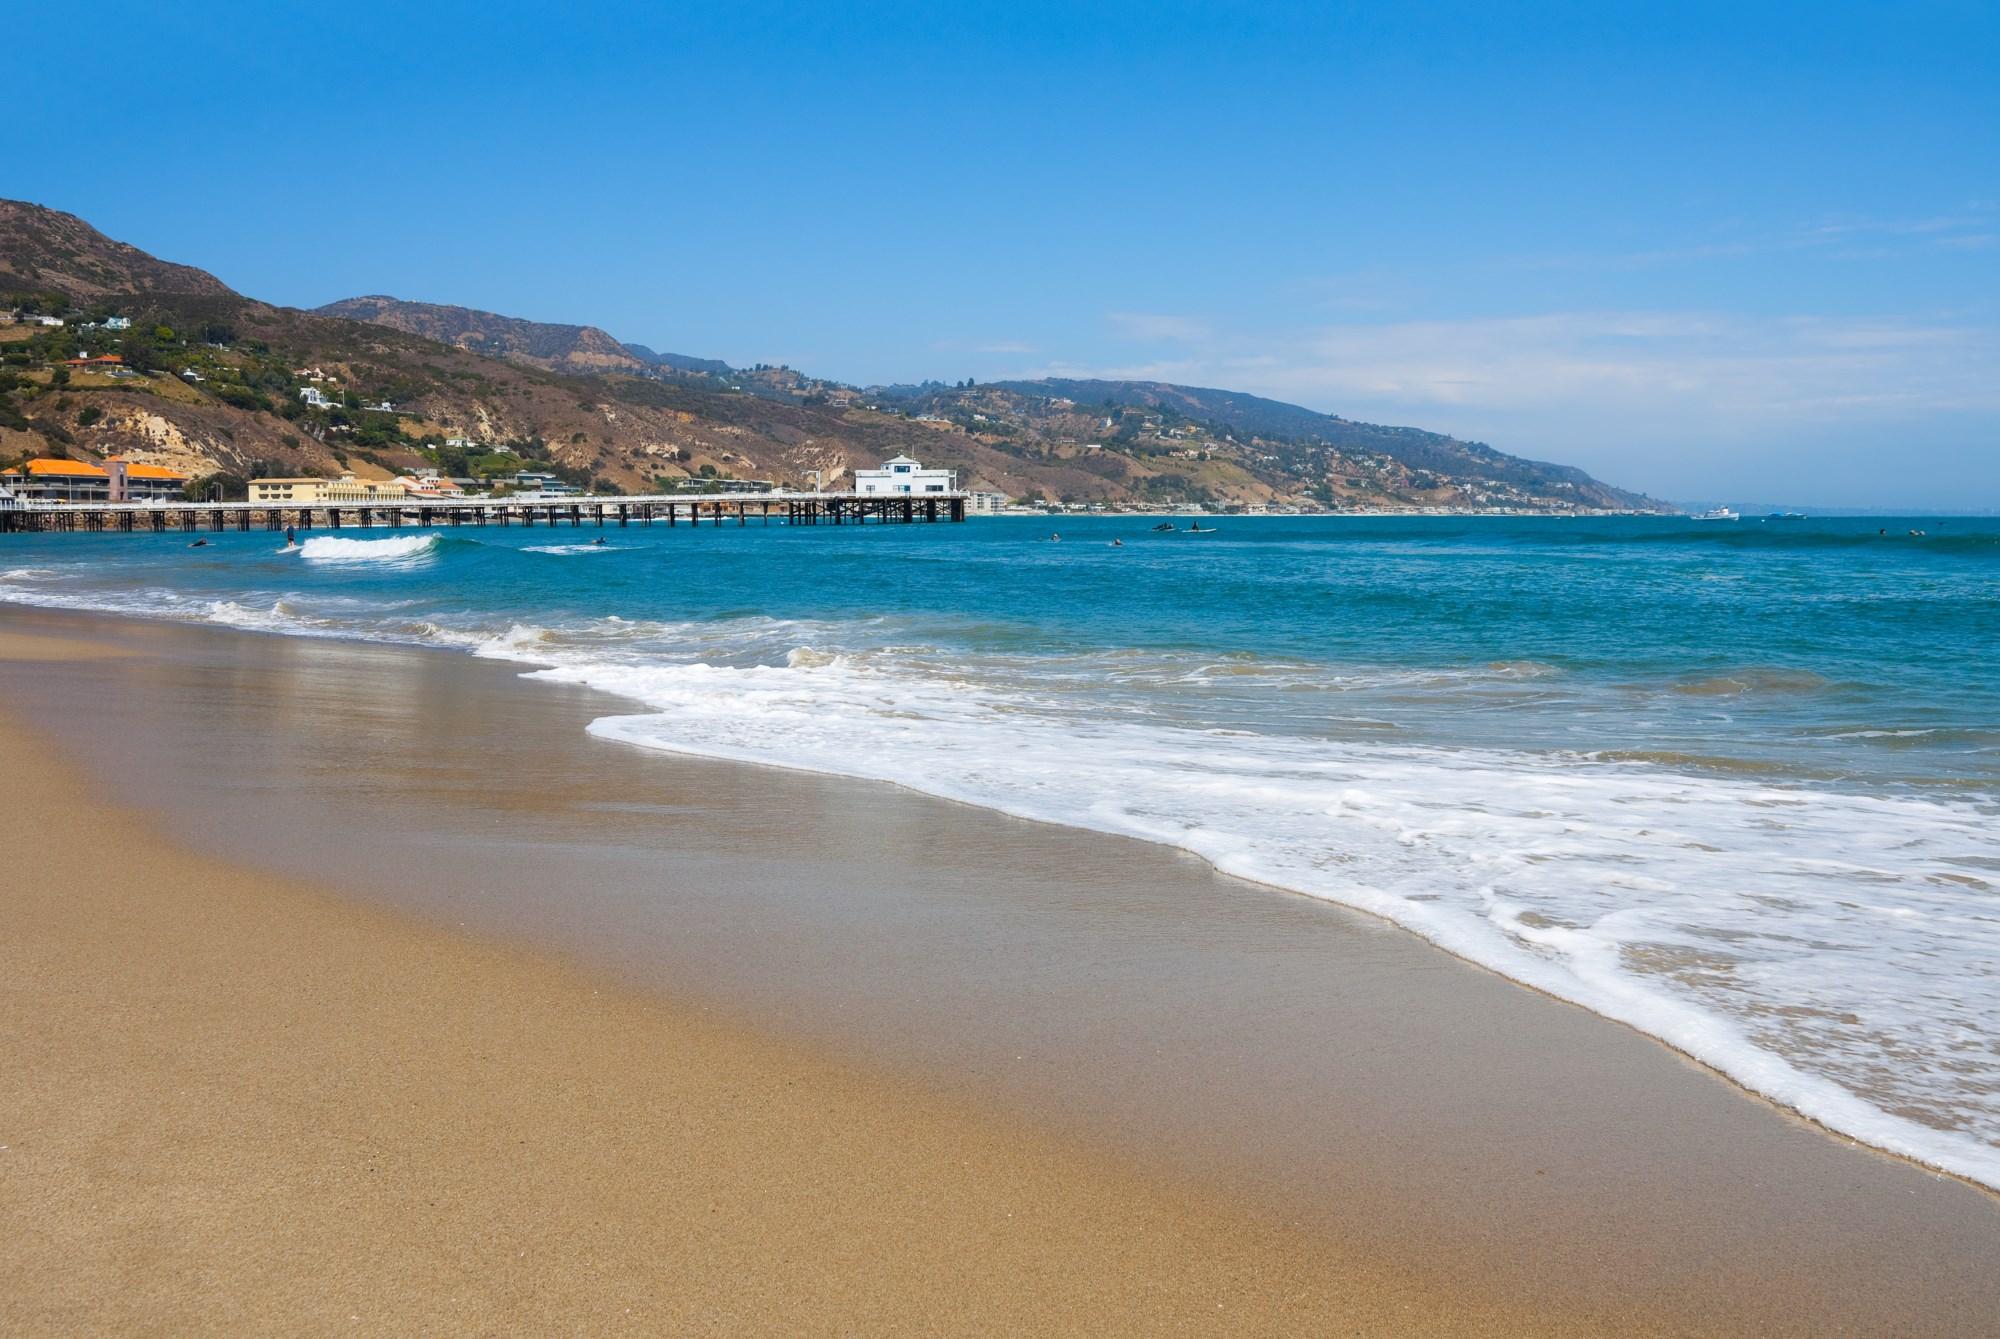 Surfrider Beach, Malibu - California Beaches